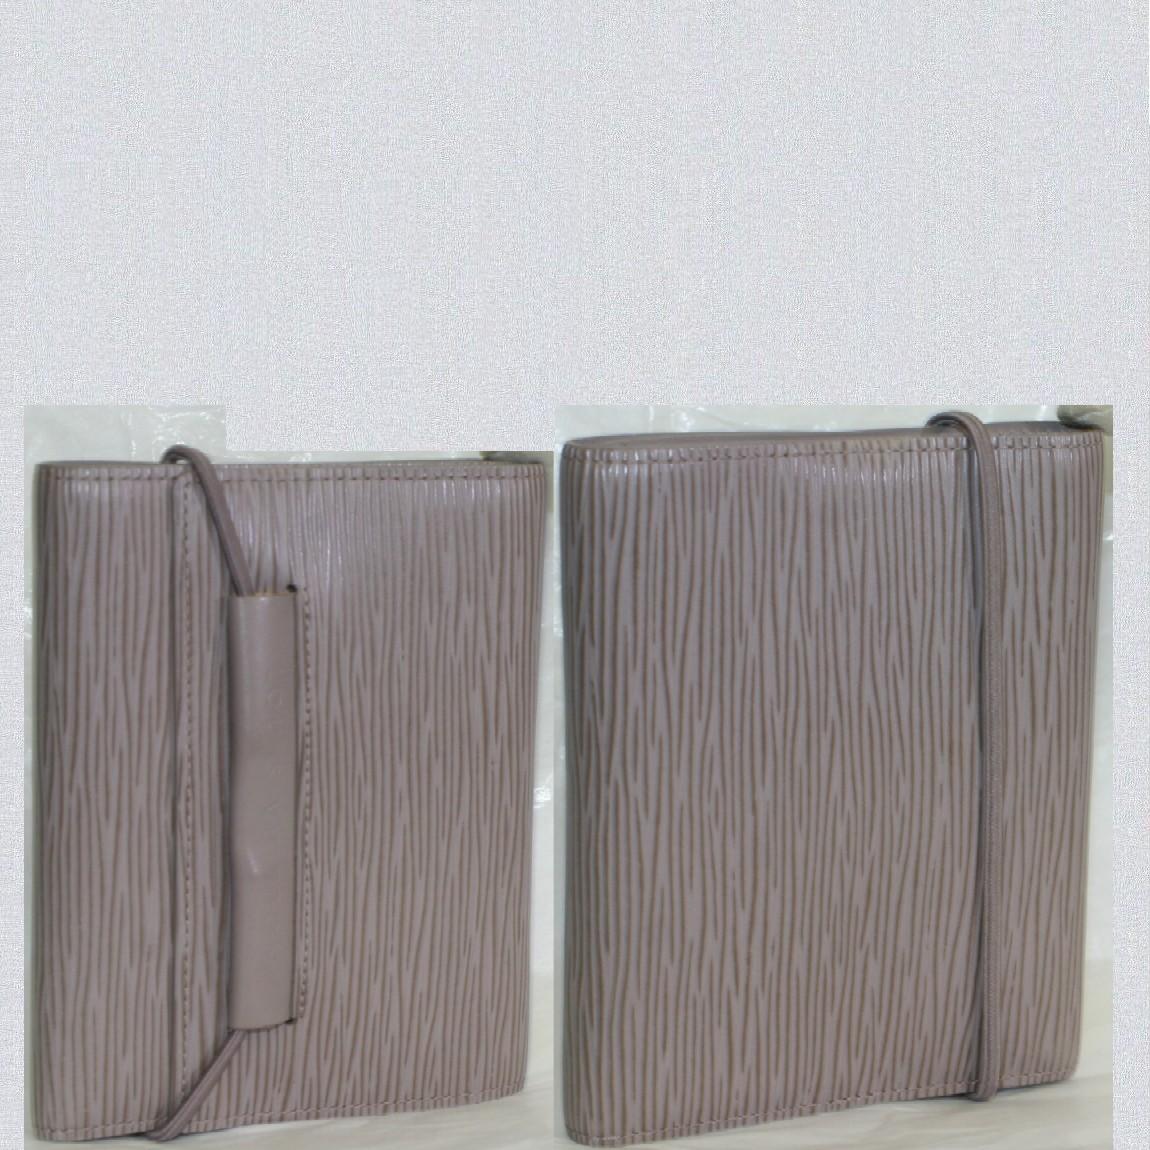 【中古】本物綺麗L/Vエピの綺麗なライラック色の女性用財布パースエラスティックM6346C サイズW14H11cm